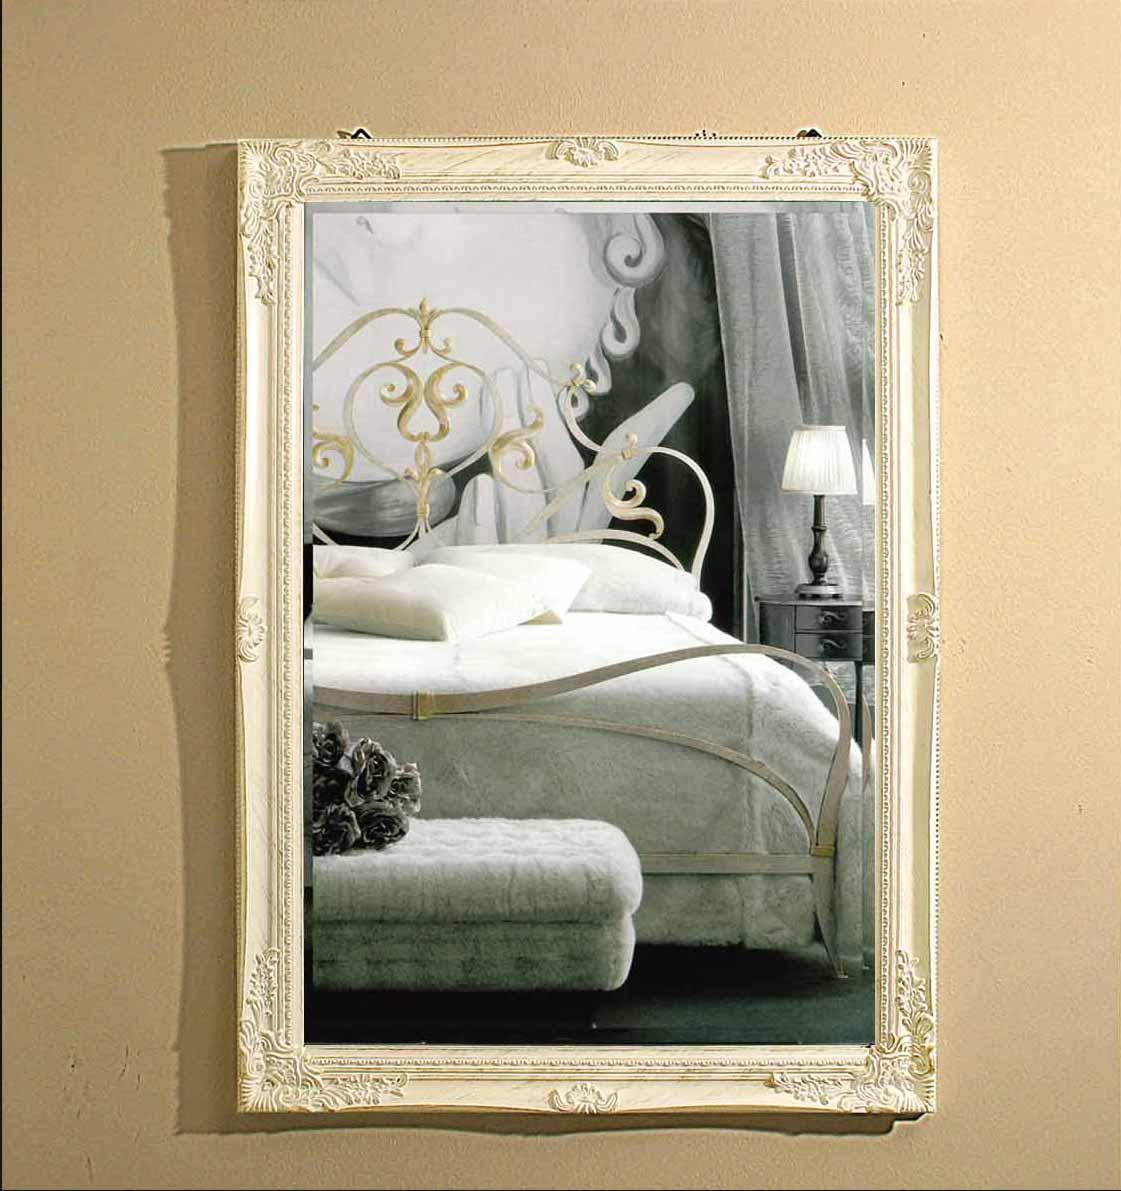 Specchio mir pratiko store - Specchio per valutazione posturale ...